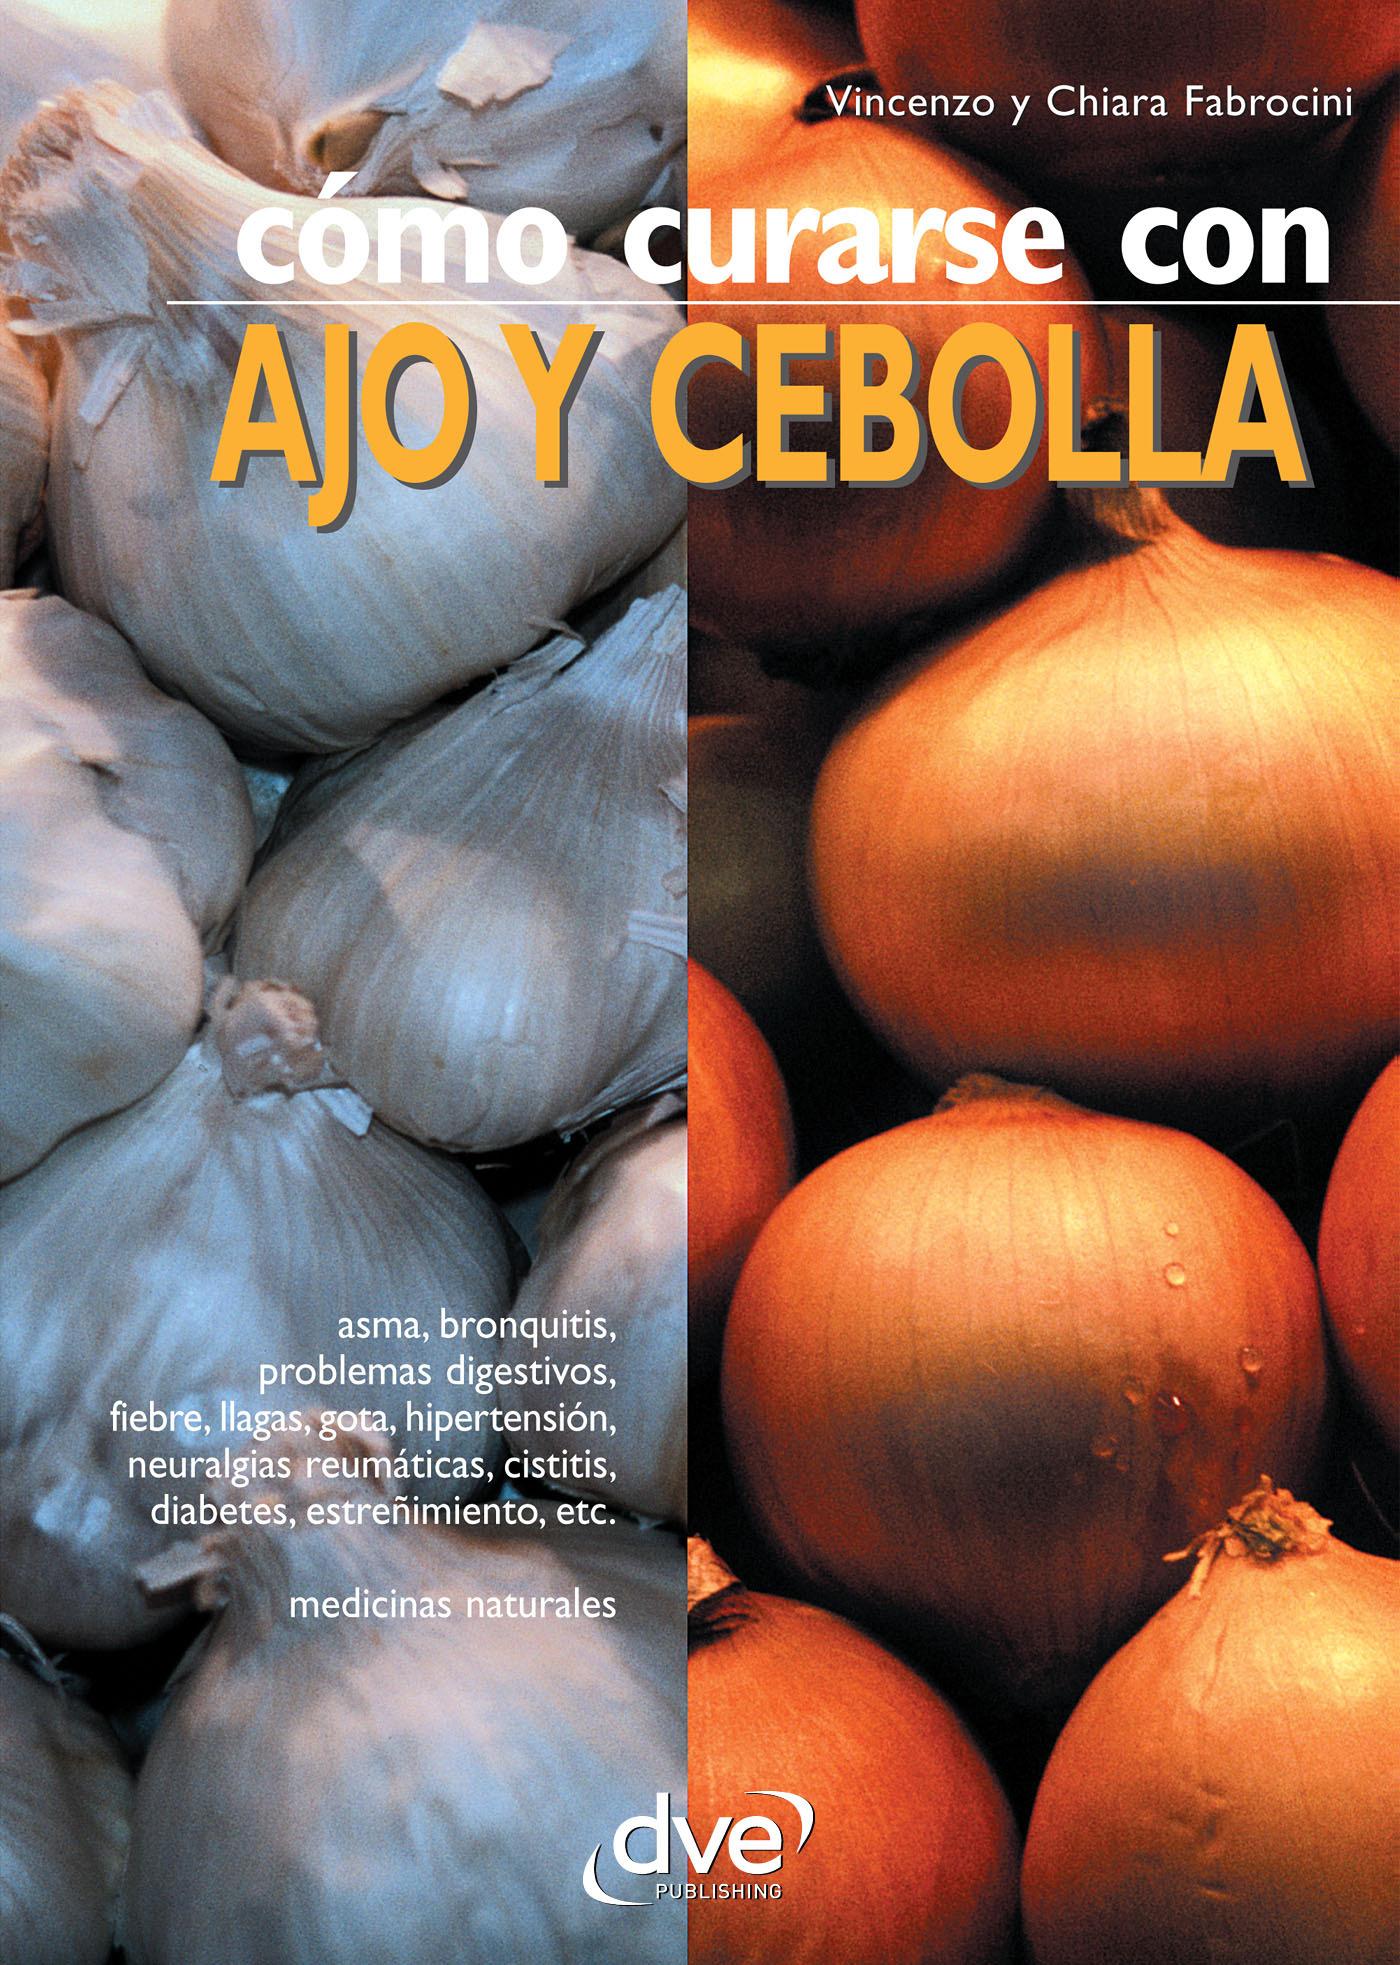 Fabrocini, Chiara - Cómo curarse con ajo y cebolla, ebook